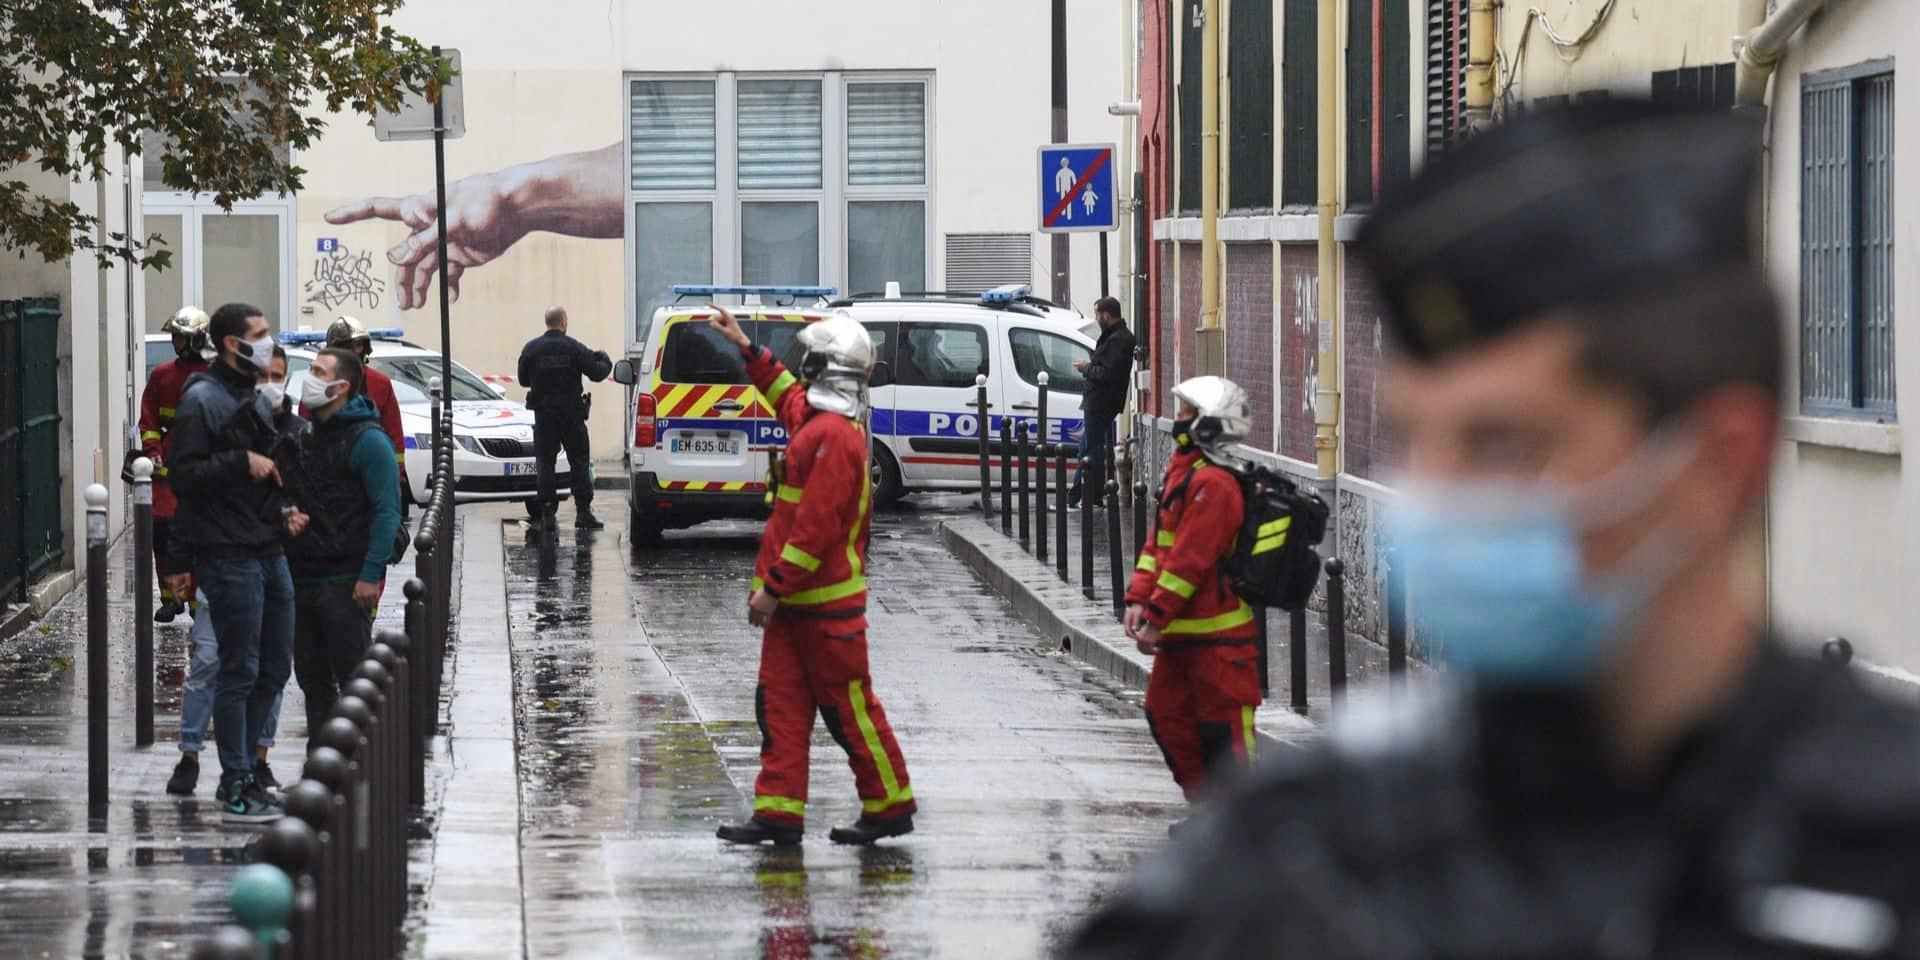 Quatre suspects interpellés pour l'attaque au hachoir devant les ex-locaux de Charlie Hebdo